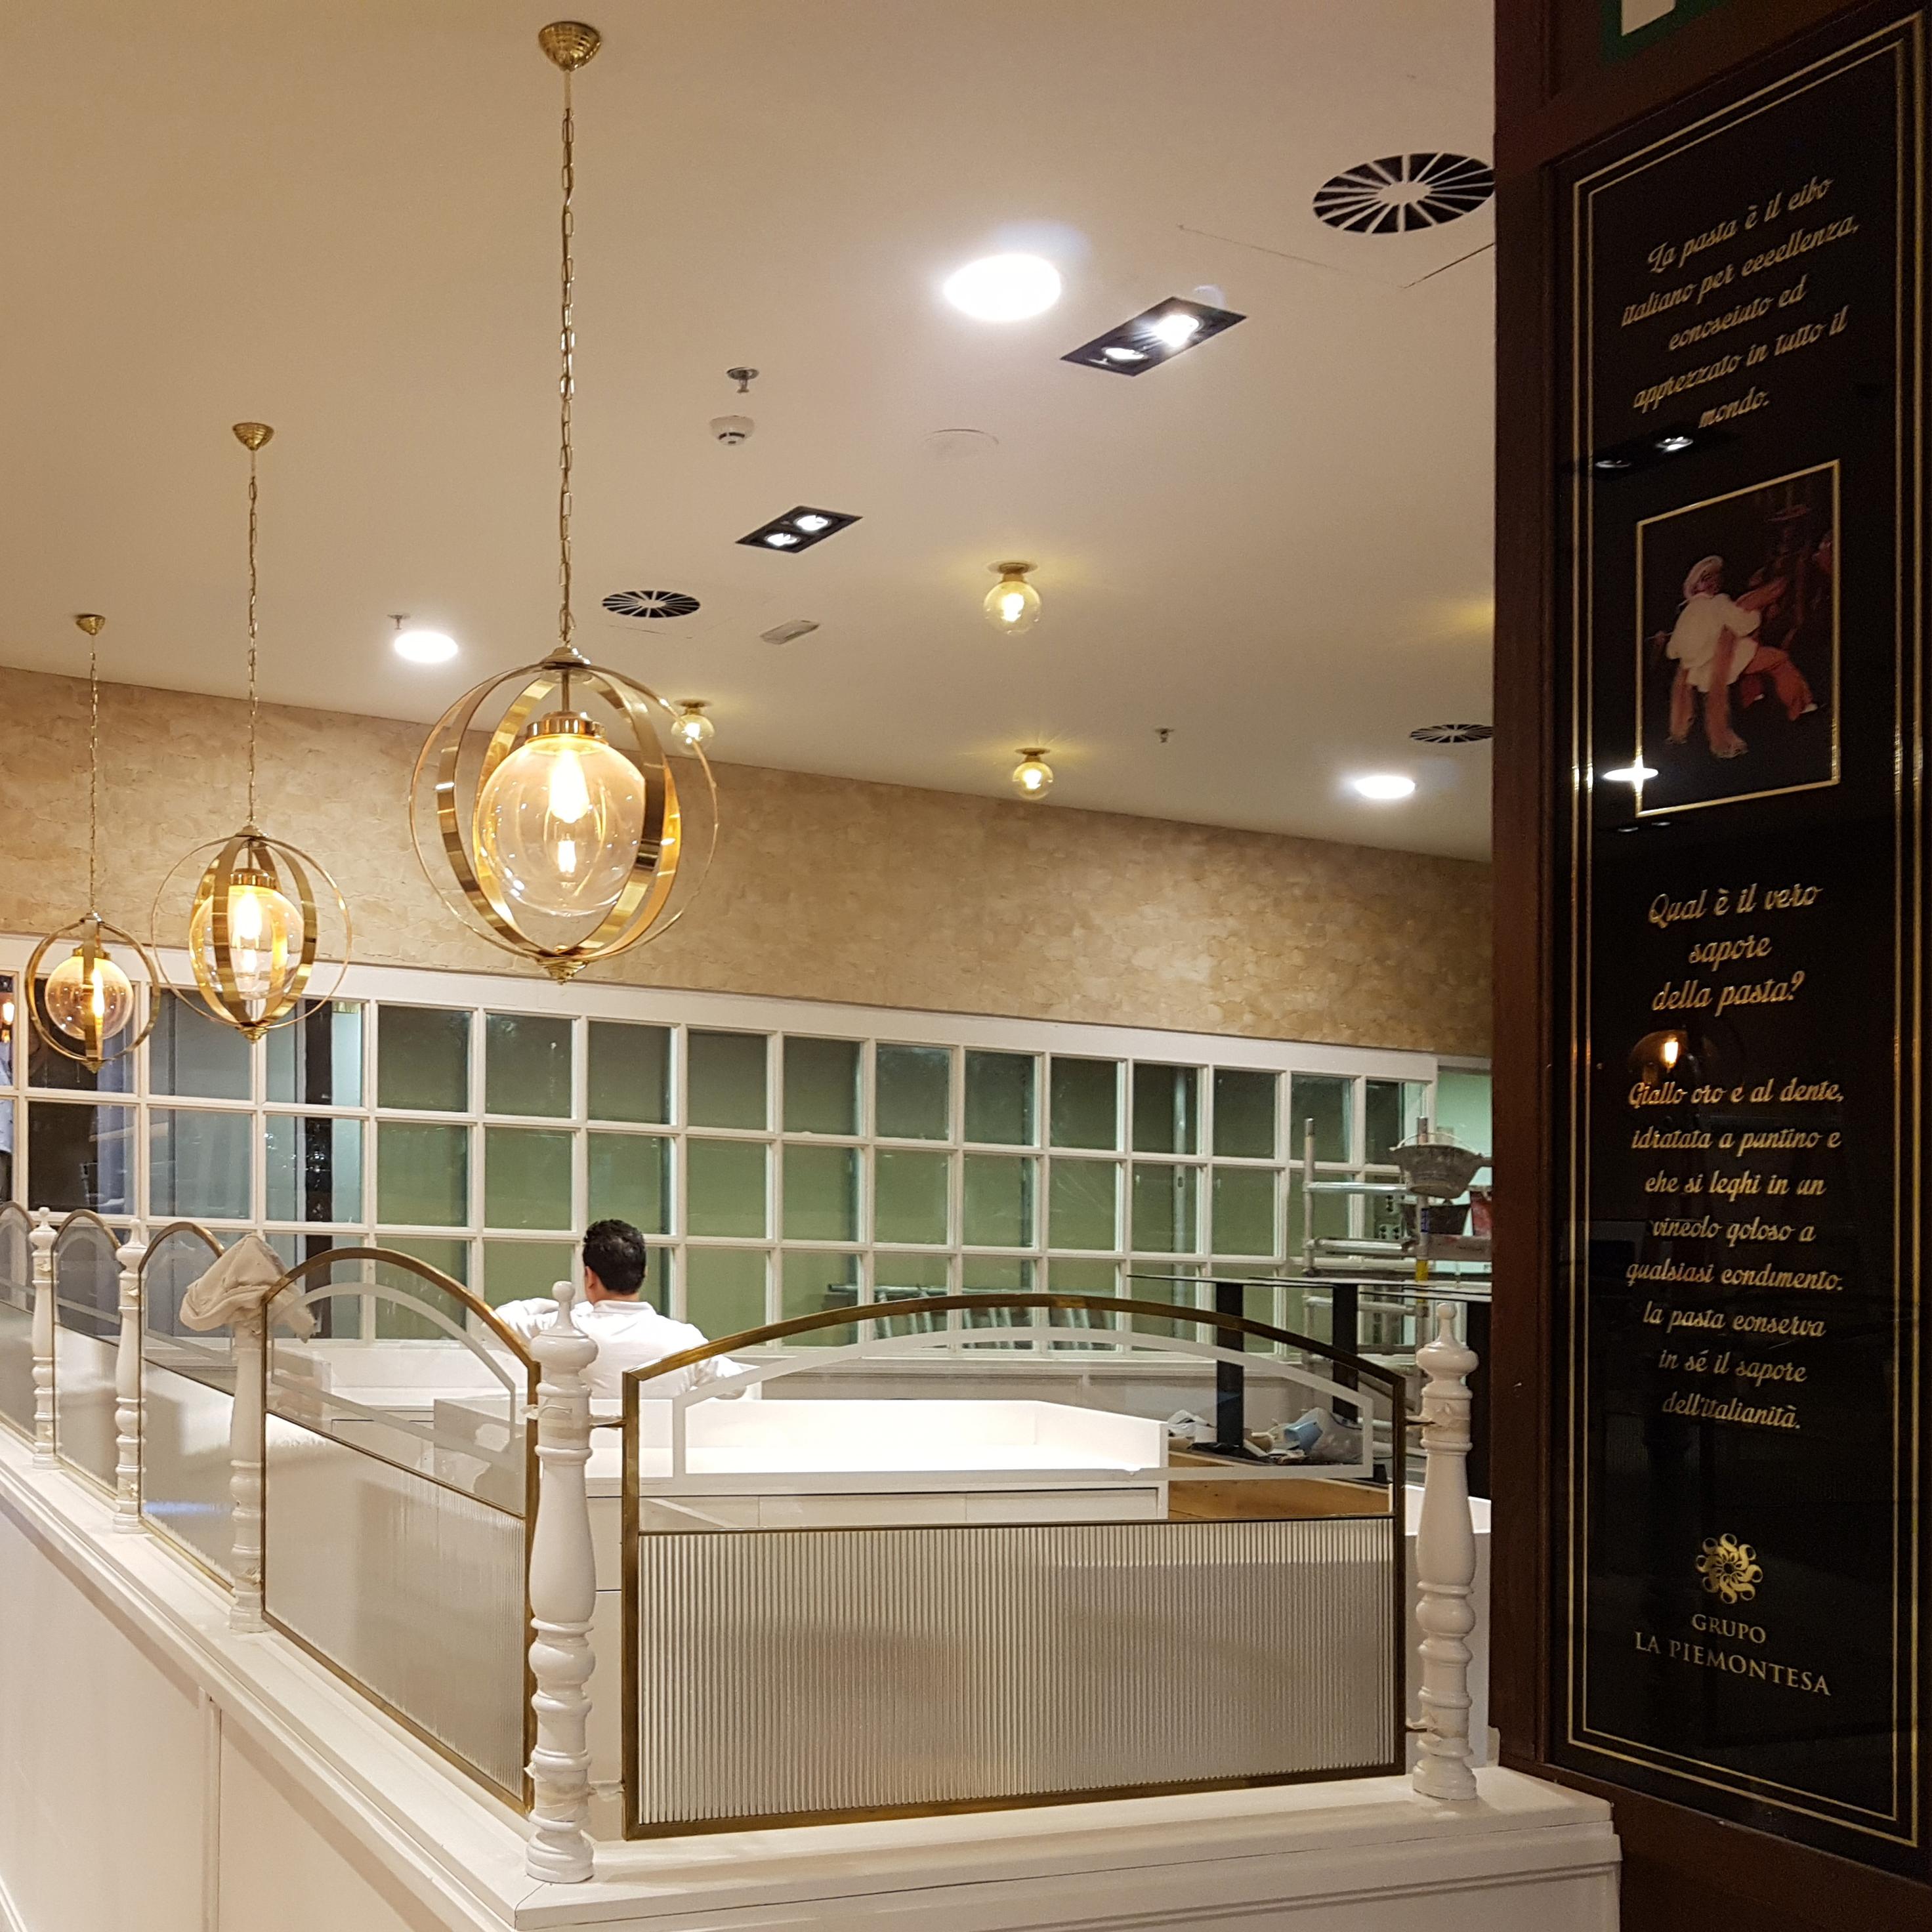 Lámpars de techo colgantes transparentes en Cadena de Restaurantes La Piamontesa en Tarragona y Madrid